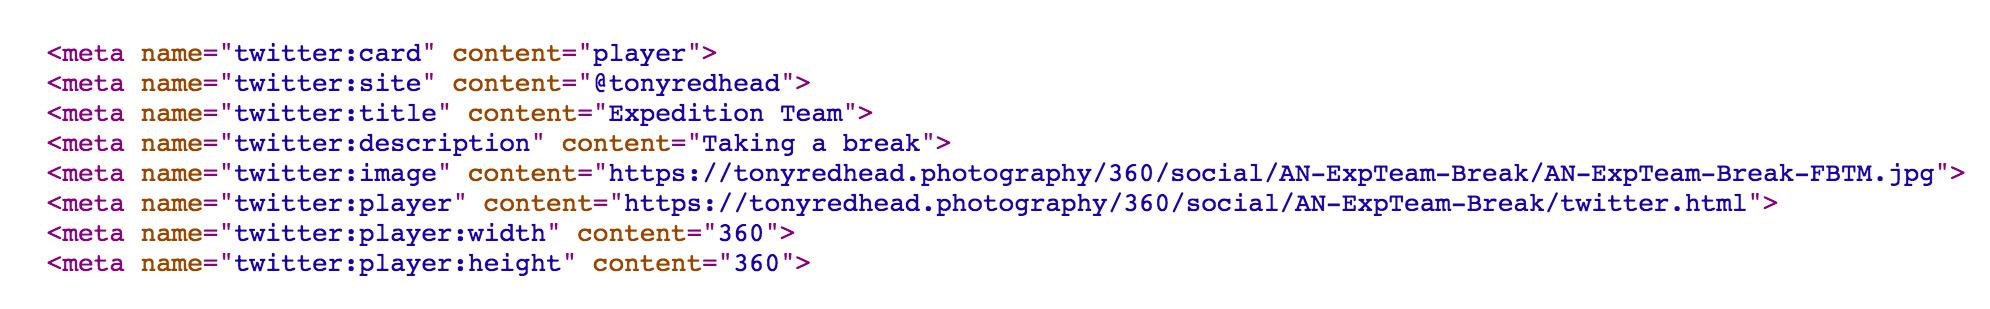 twitter-code.jpg